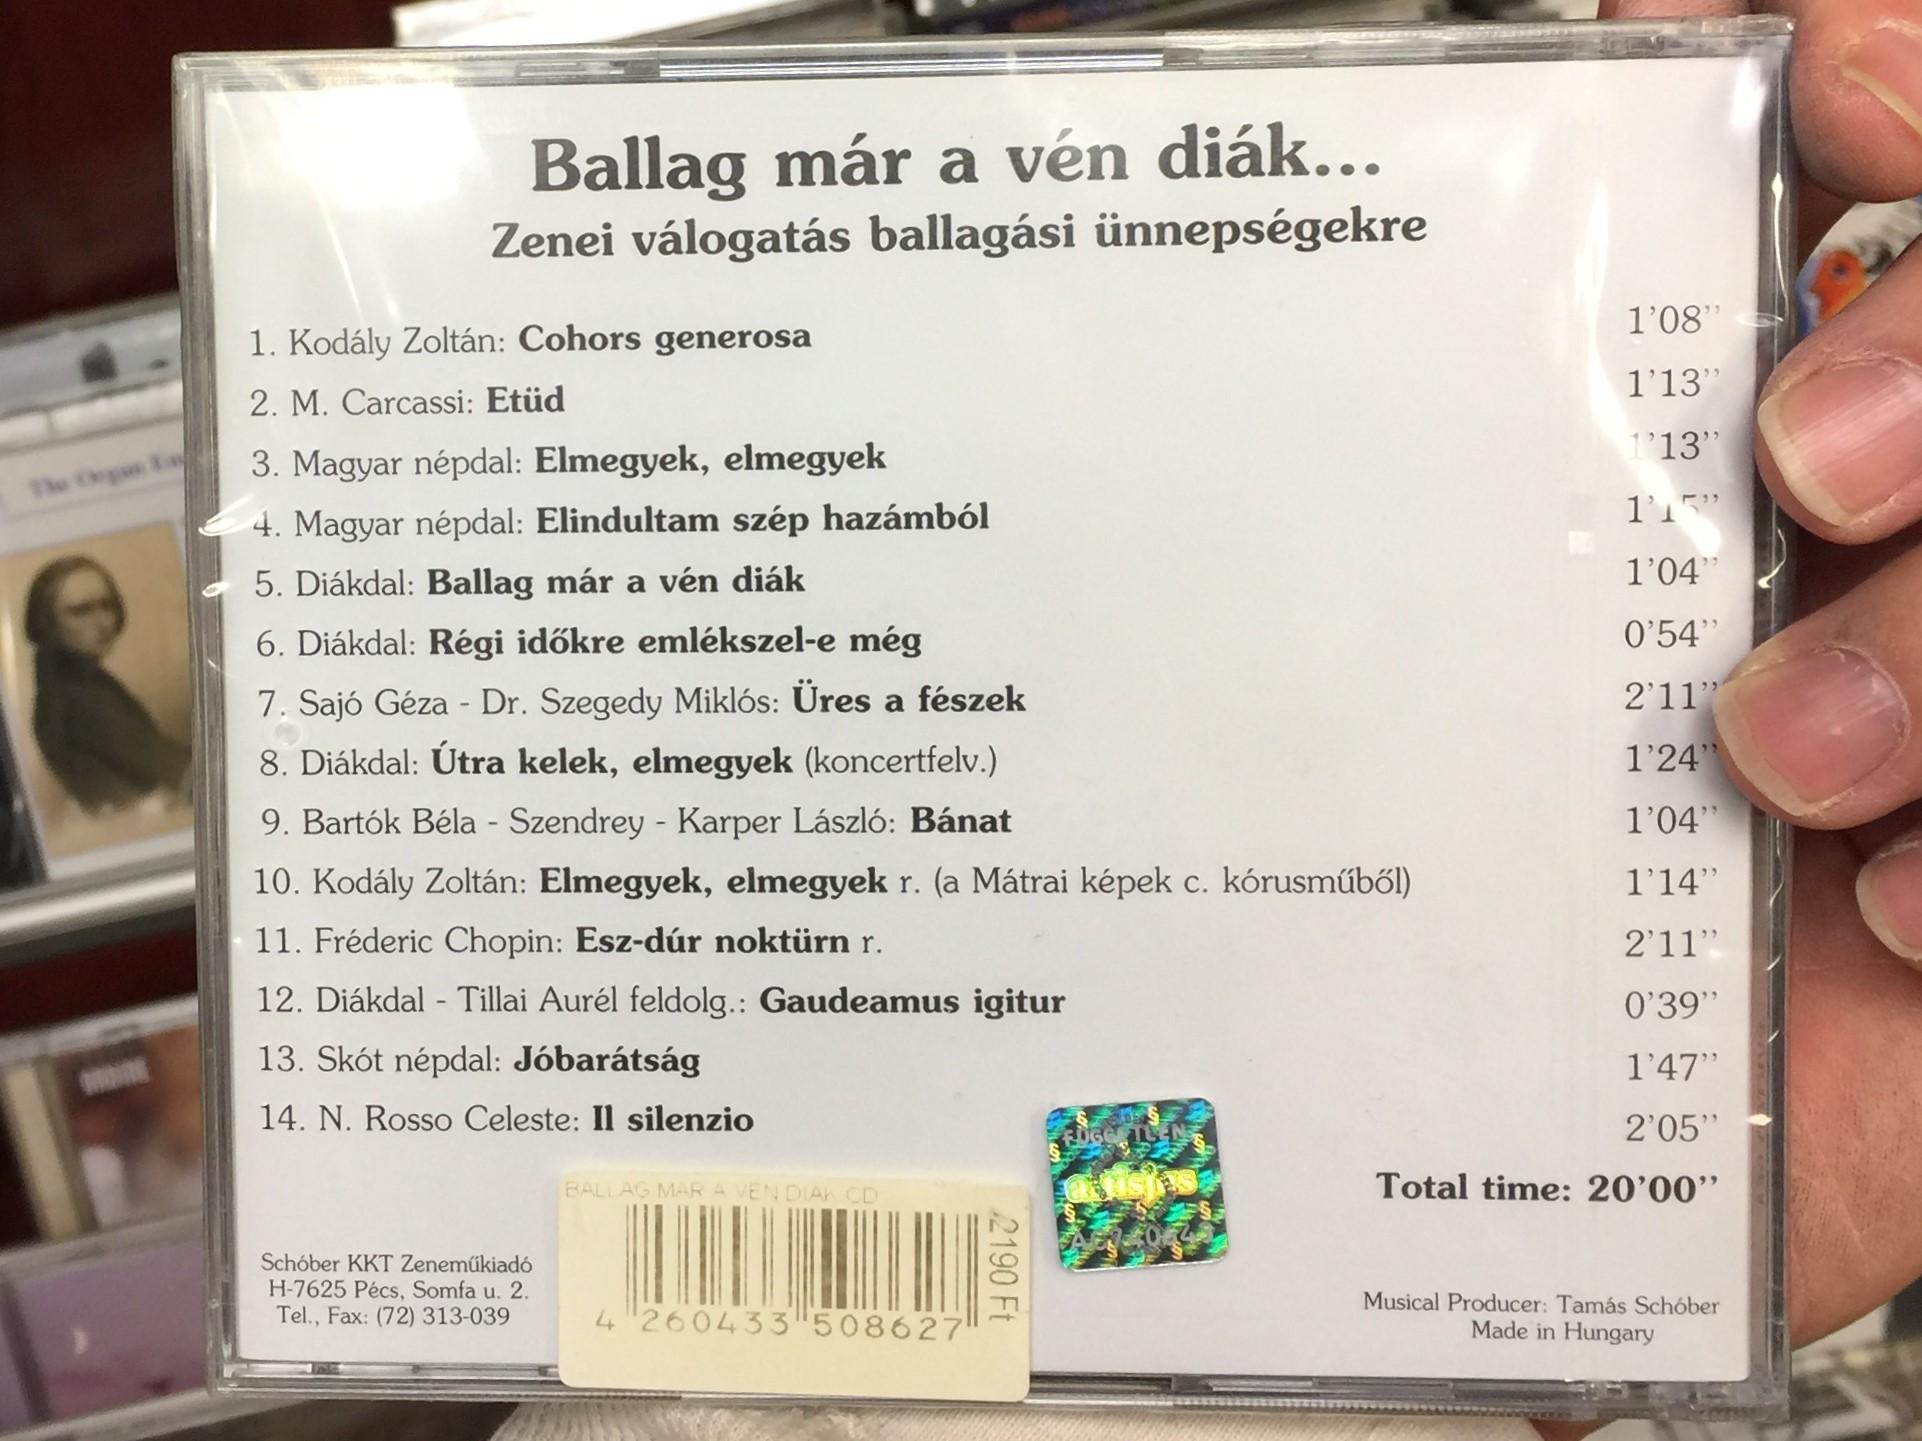 ballag-mar-a-ven-diak...-zenei-valogatas-ballagasi-unnepsegekre-audio-cd-4260433508627-2-.jpg